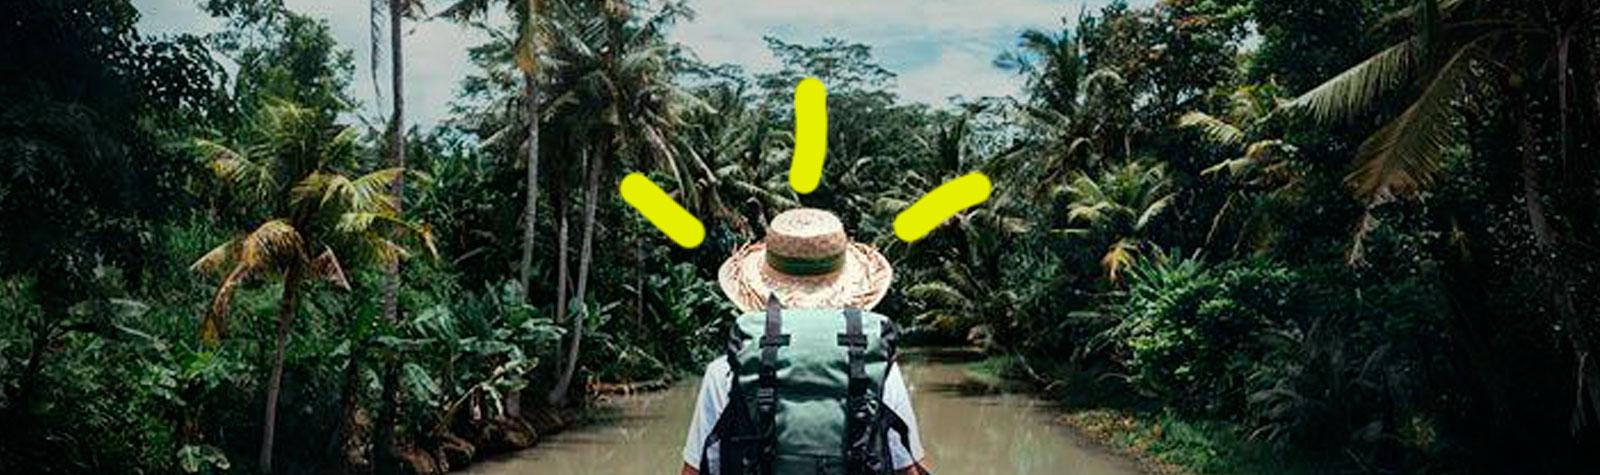 El turismo de los idiotas